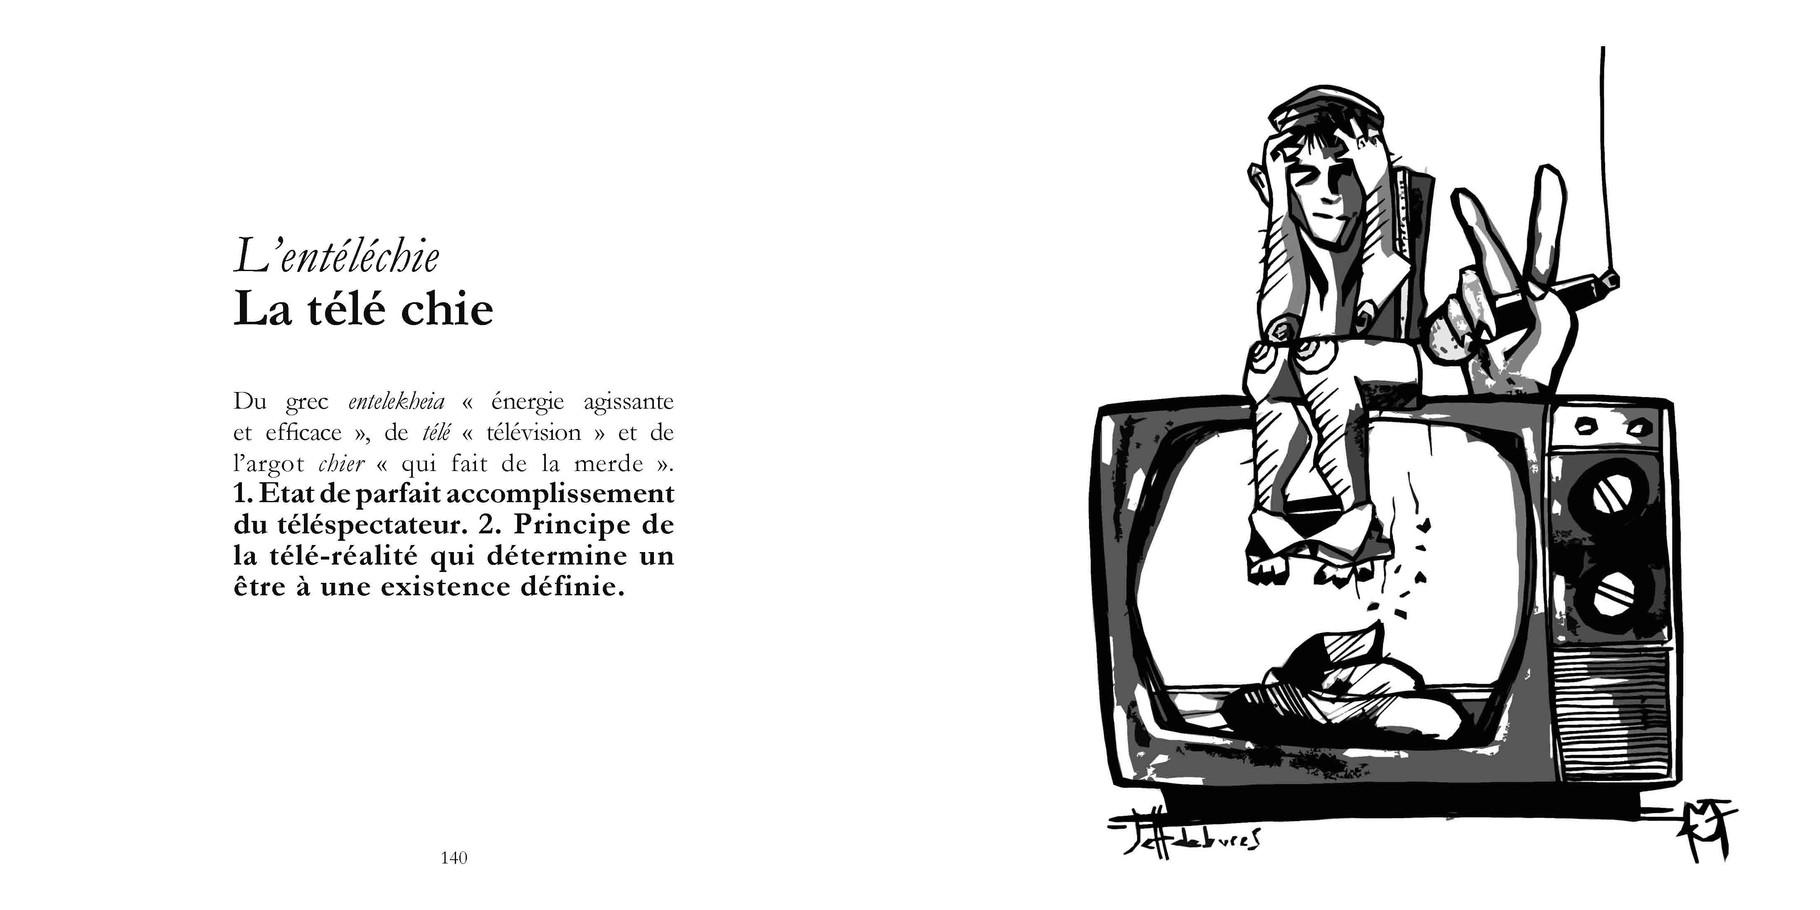 L'entéléchie - La télé chie / P 140-141 du Bestof2 -Texte Edith - Dessin Jeffdebures. Droits réservés - Reproduction interdite